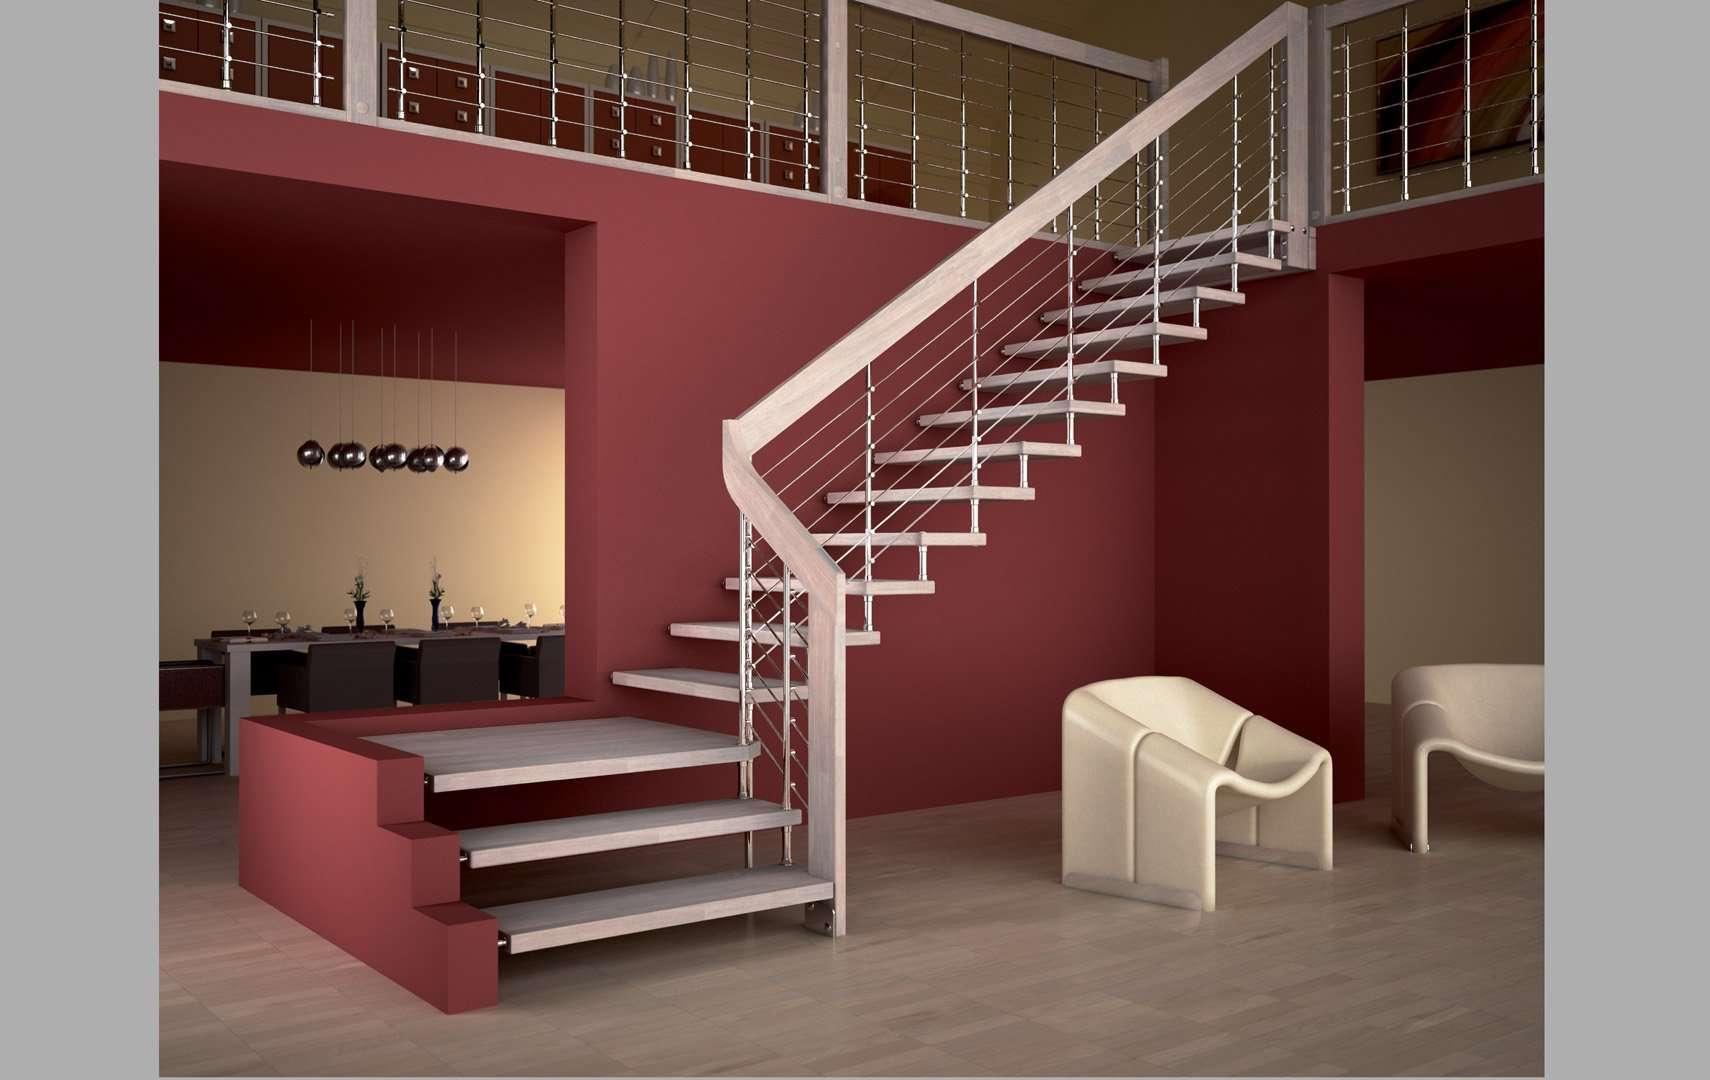 akura scale interne moderne in legno scegli i modelli pi apprezzati dai nostri clienti. Black Bedroom Furniture Sets. Home Design Ideas